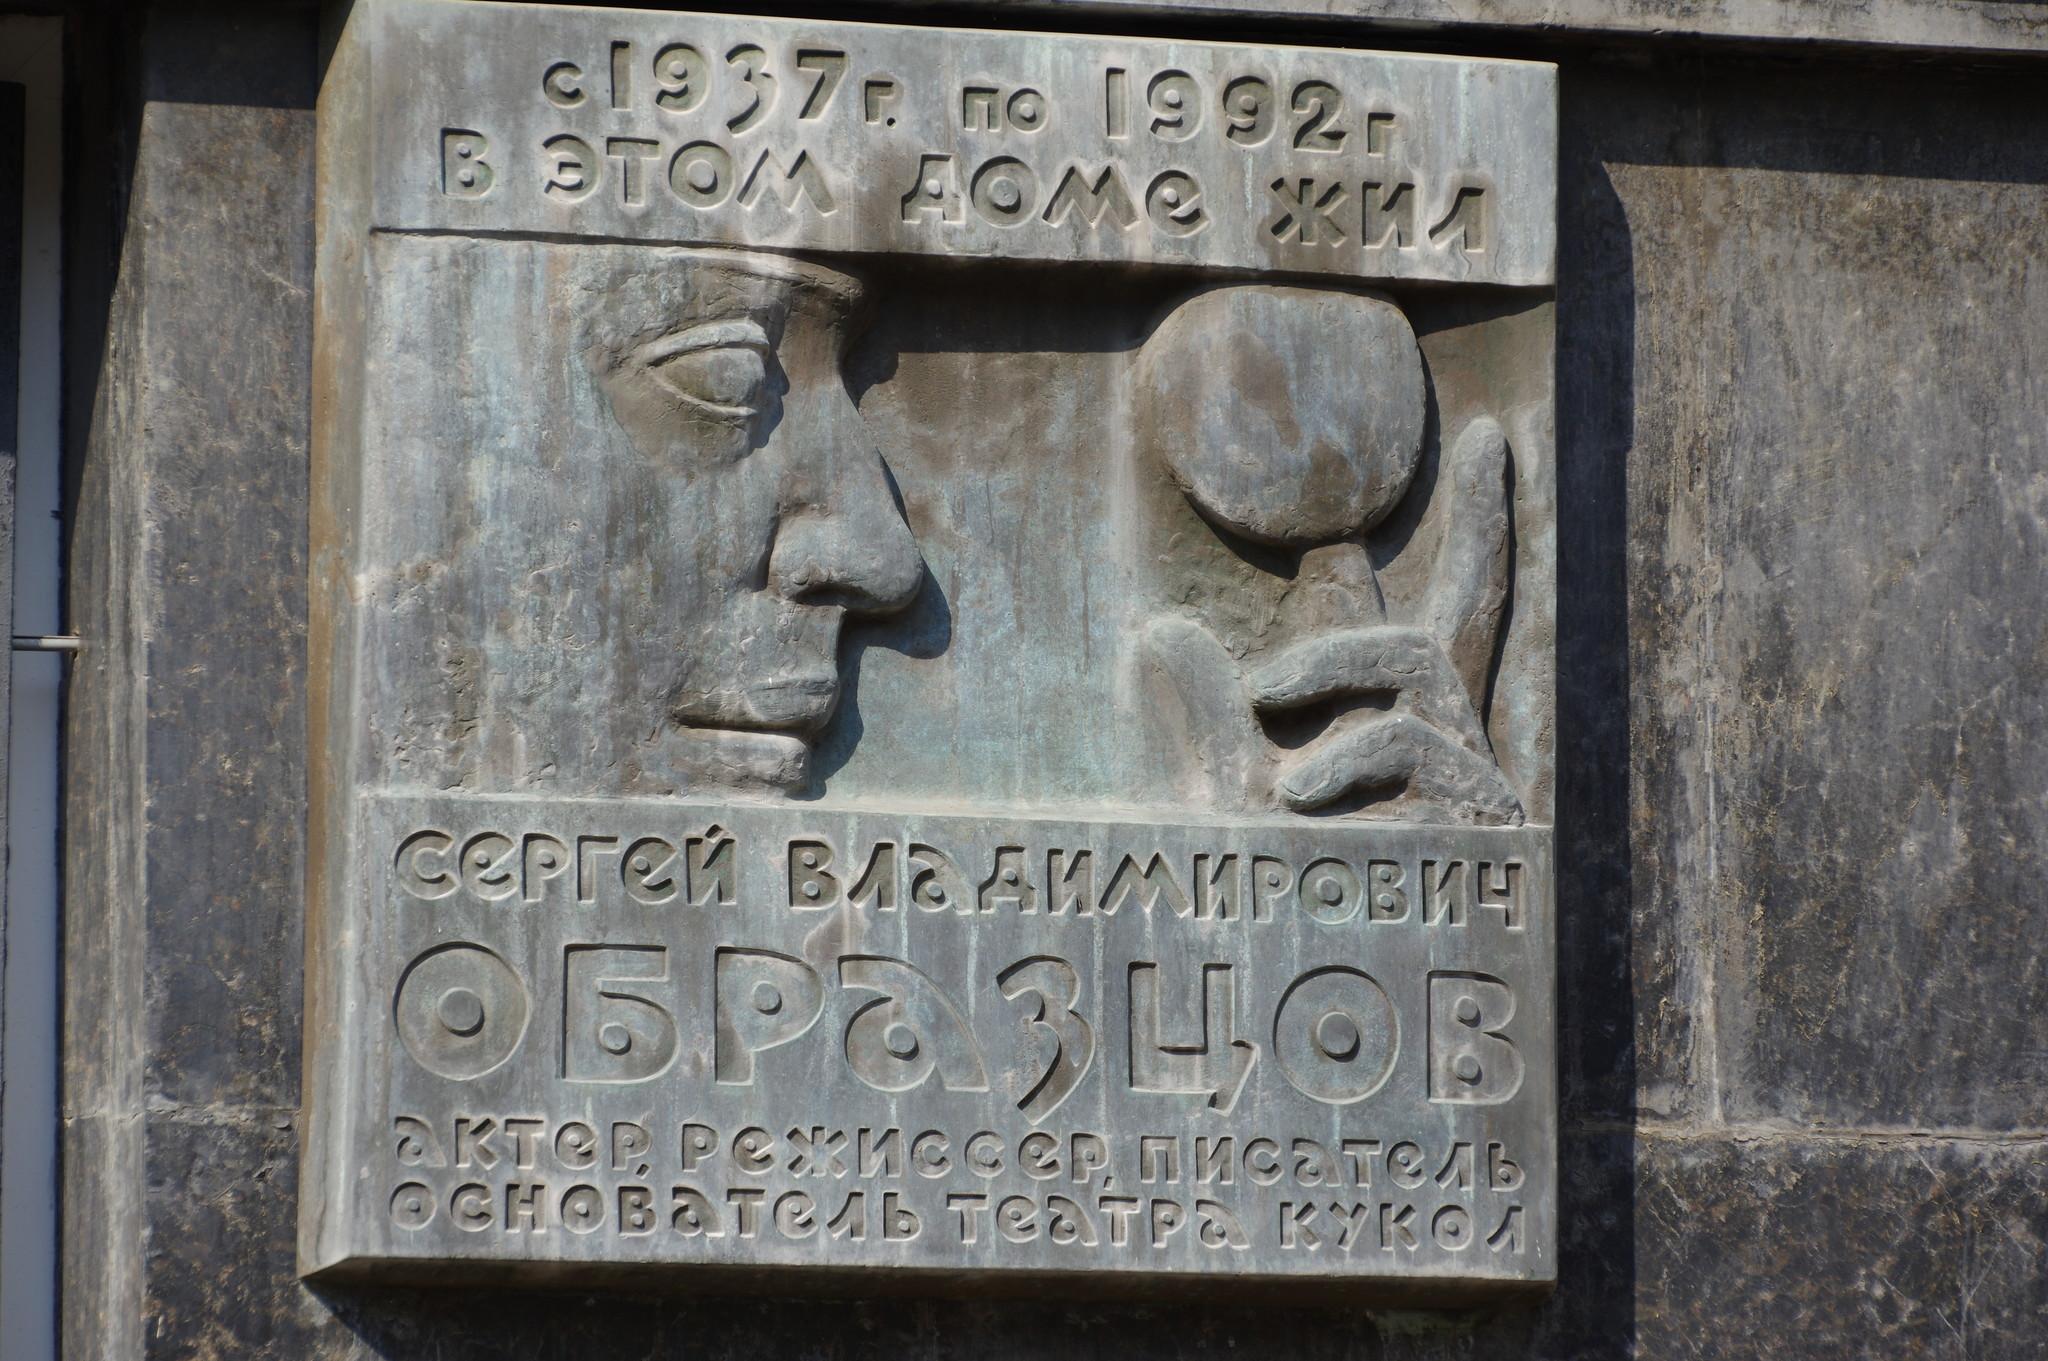 Мемориальная доска на фасаде дома, в котором Сергей Владимирович Образцов жил с 1937 года по 1992 год (Москва, Глинищевский переулок, дом 5/7)